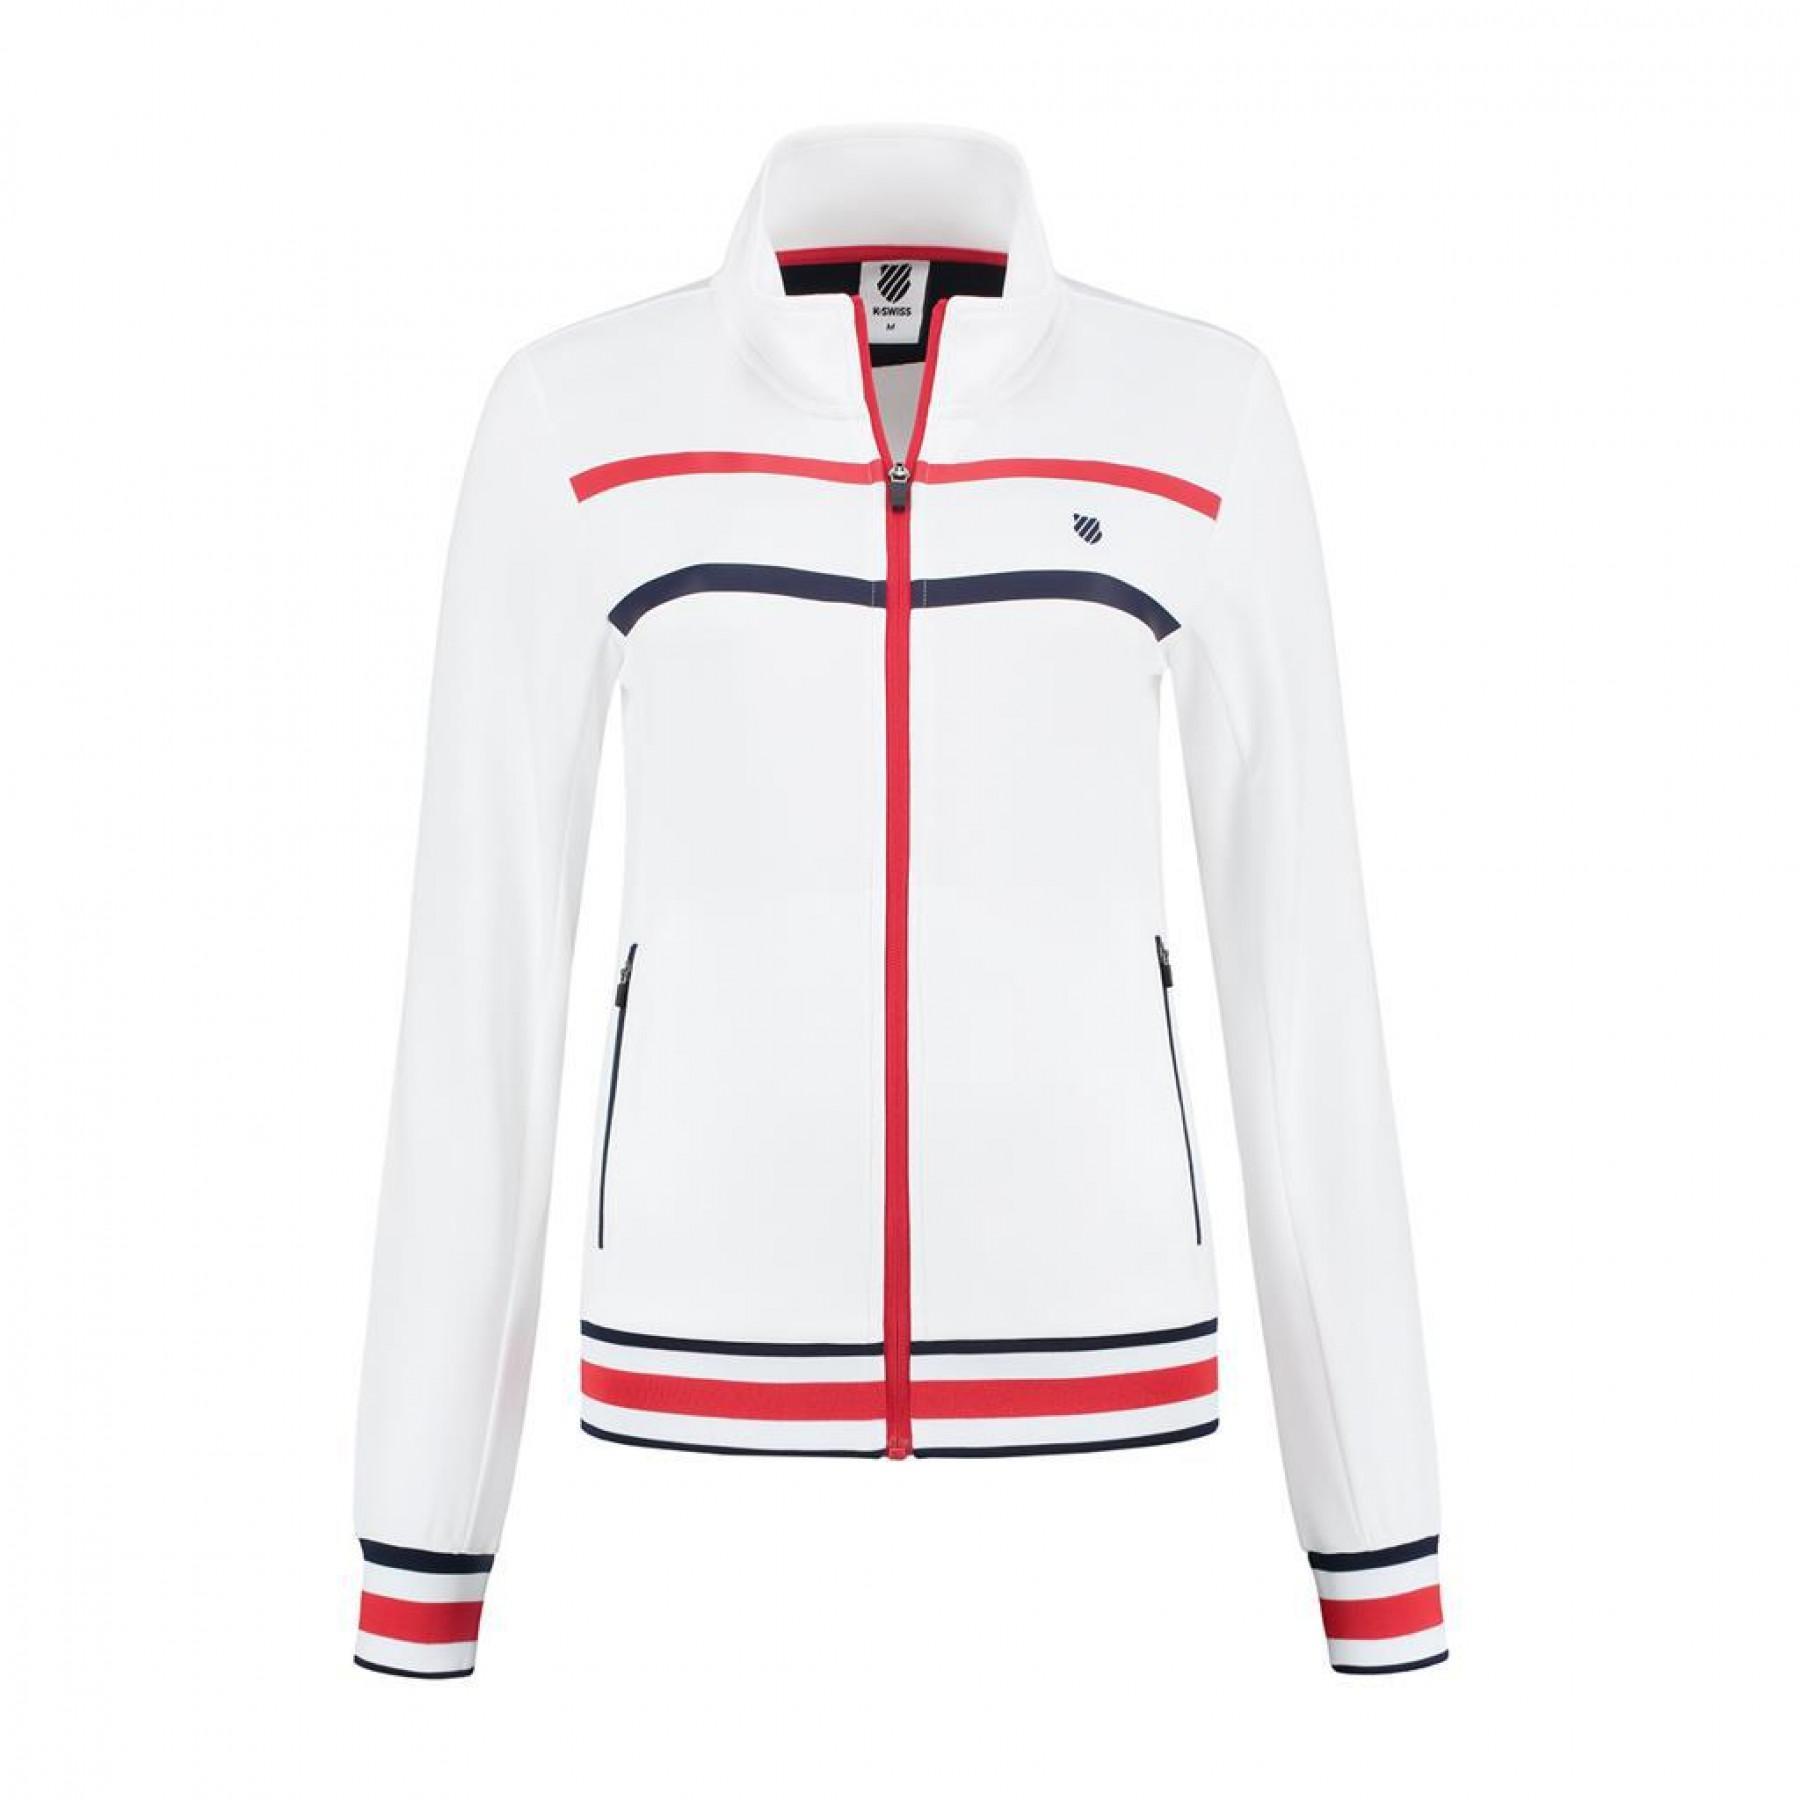 Women's jacket K-Swiss heritage sport training